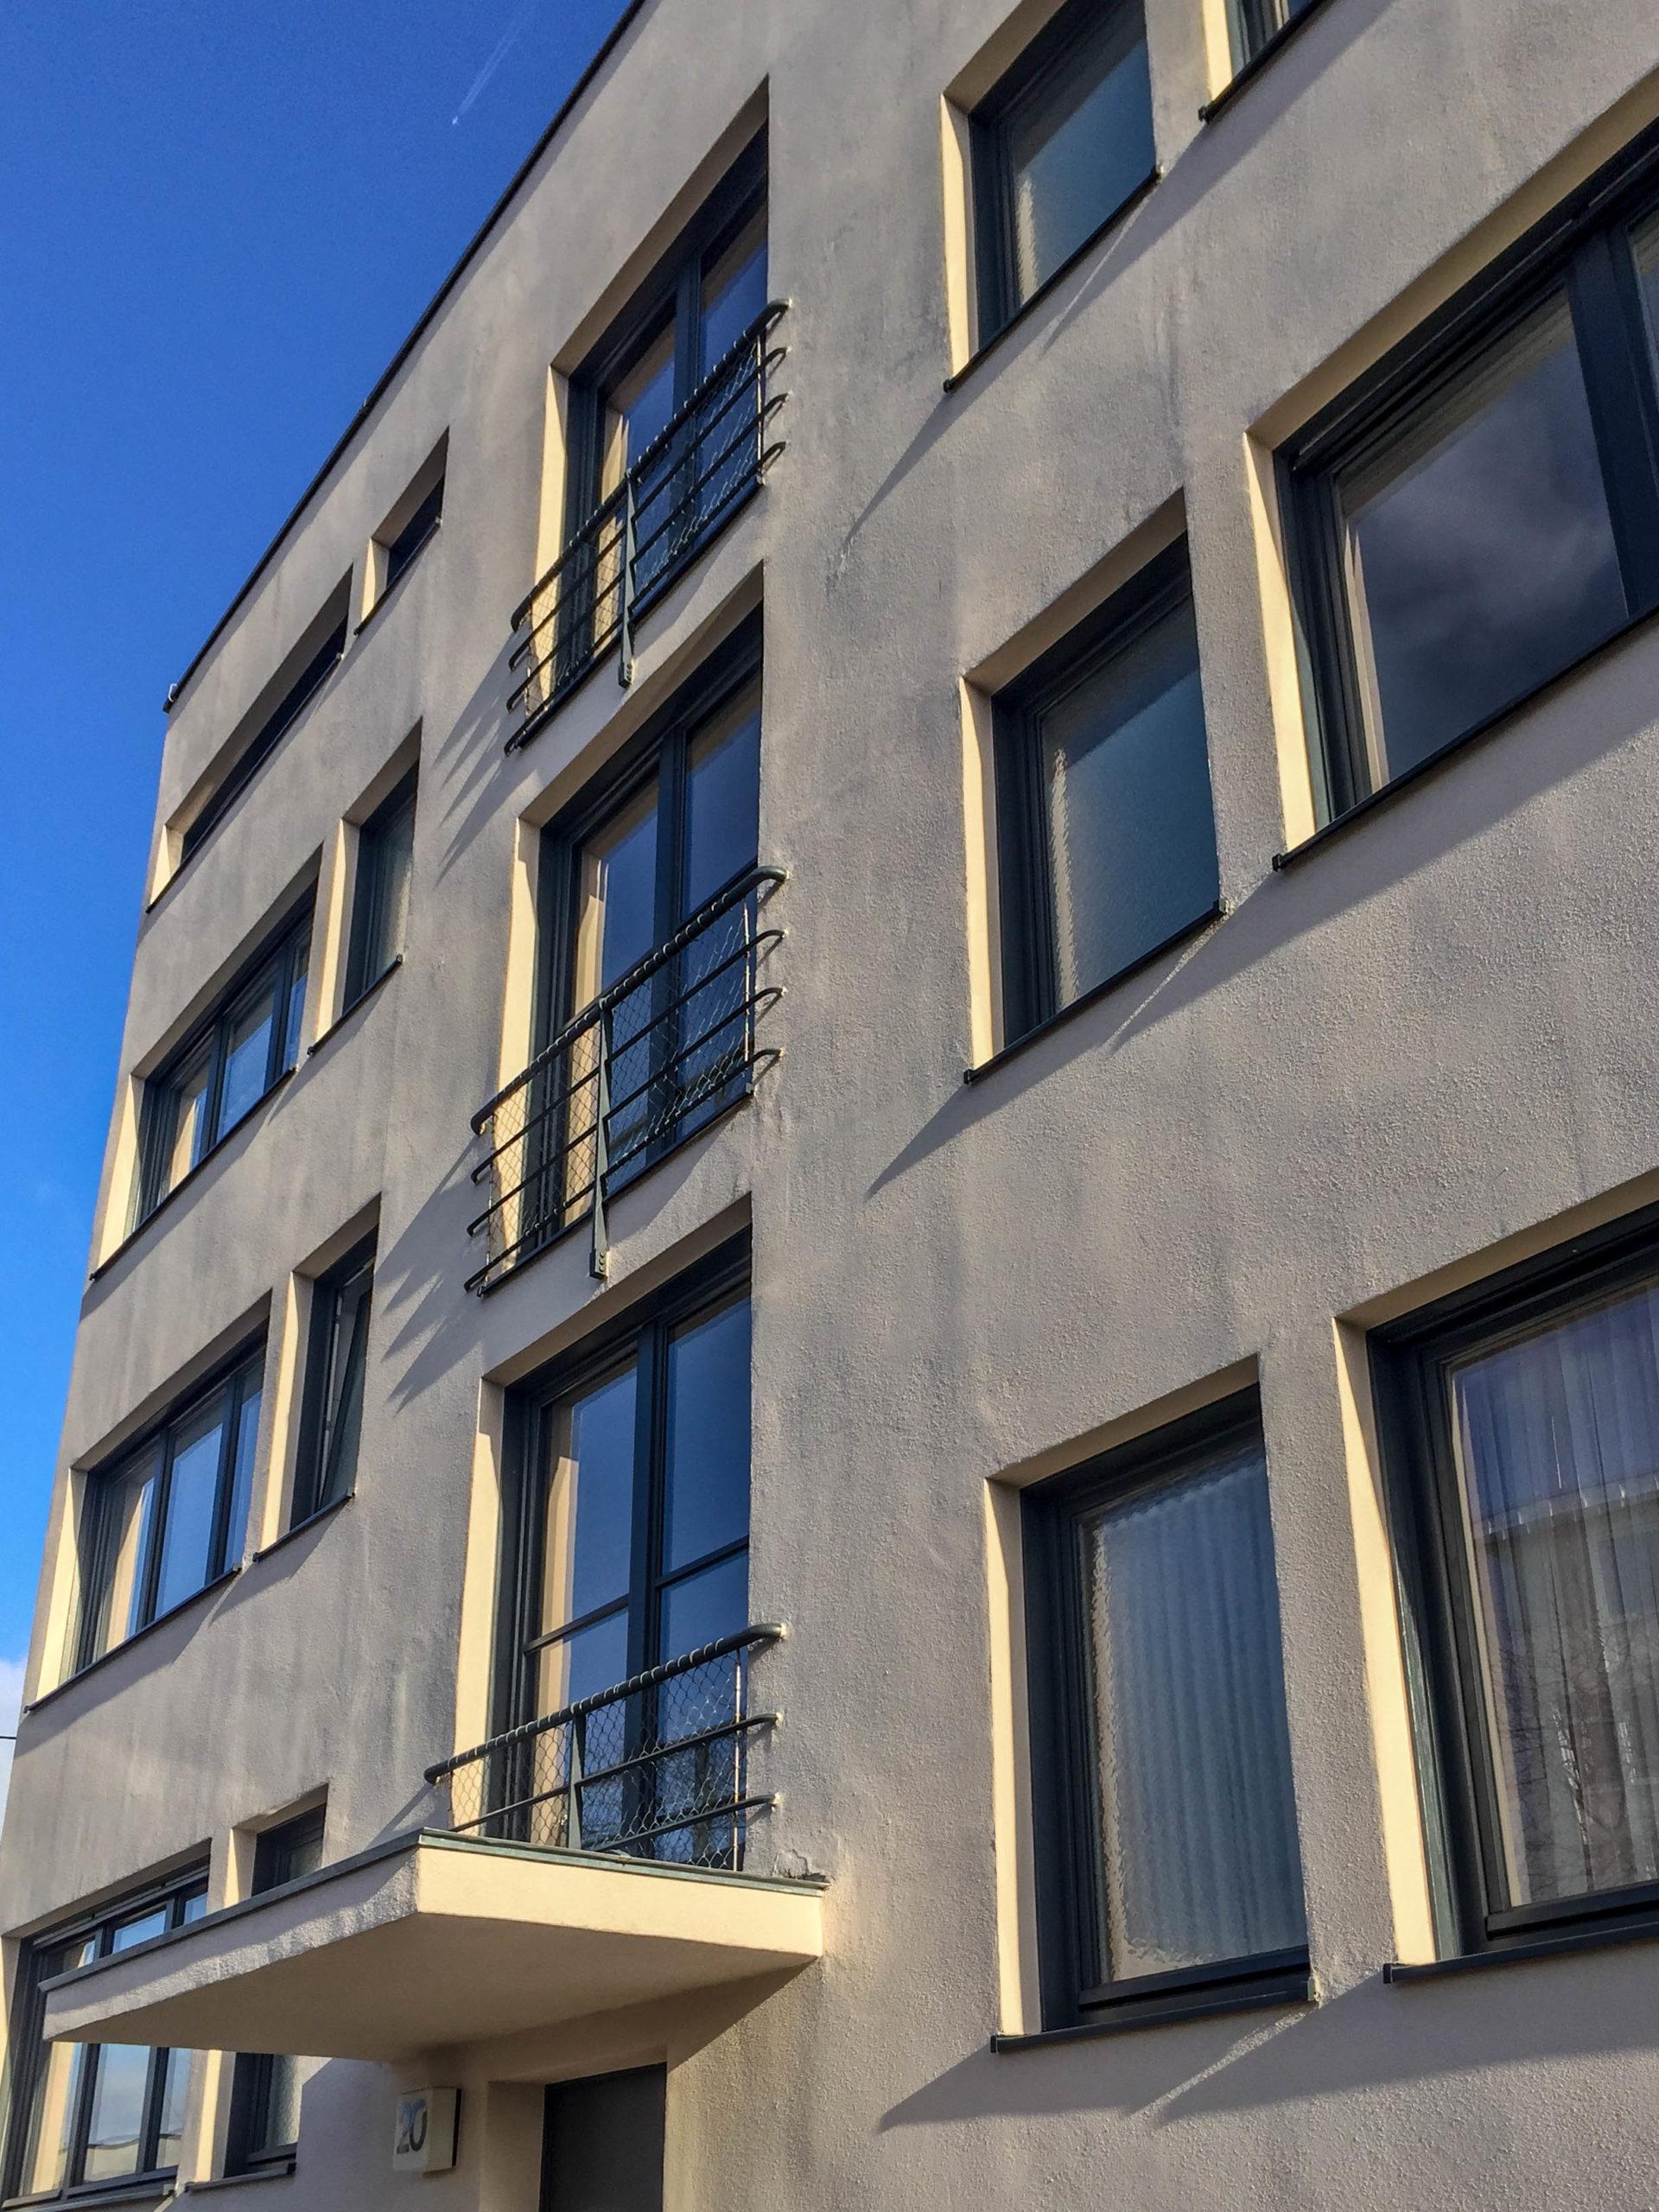 Wohnanlage, 1927. Architekt: Mies van der Rohe